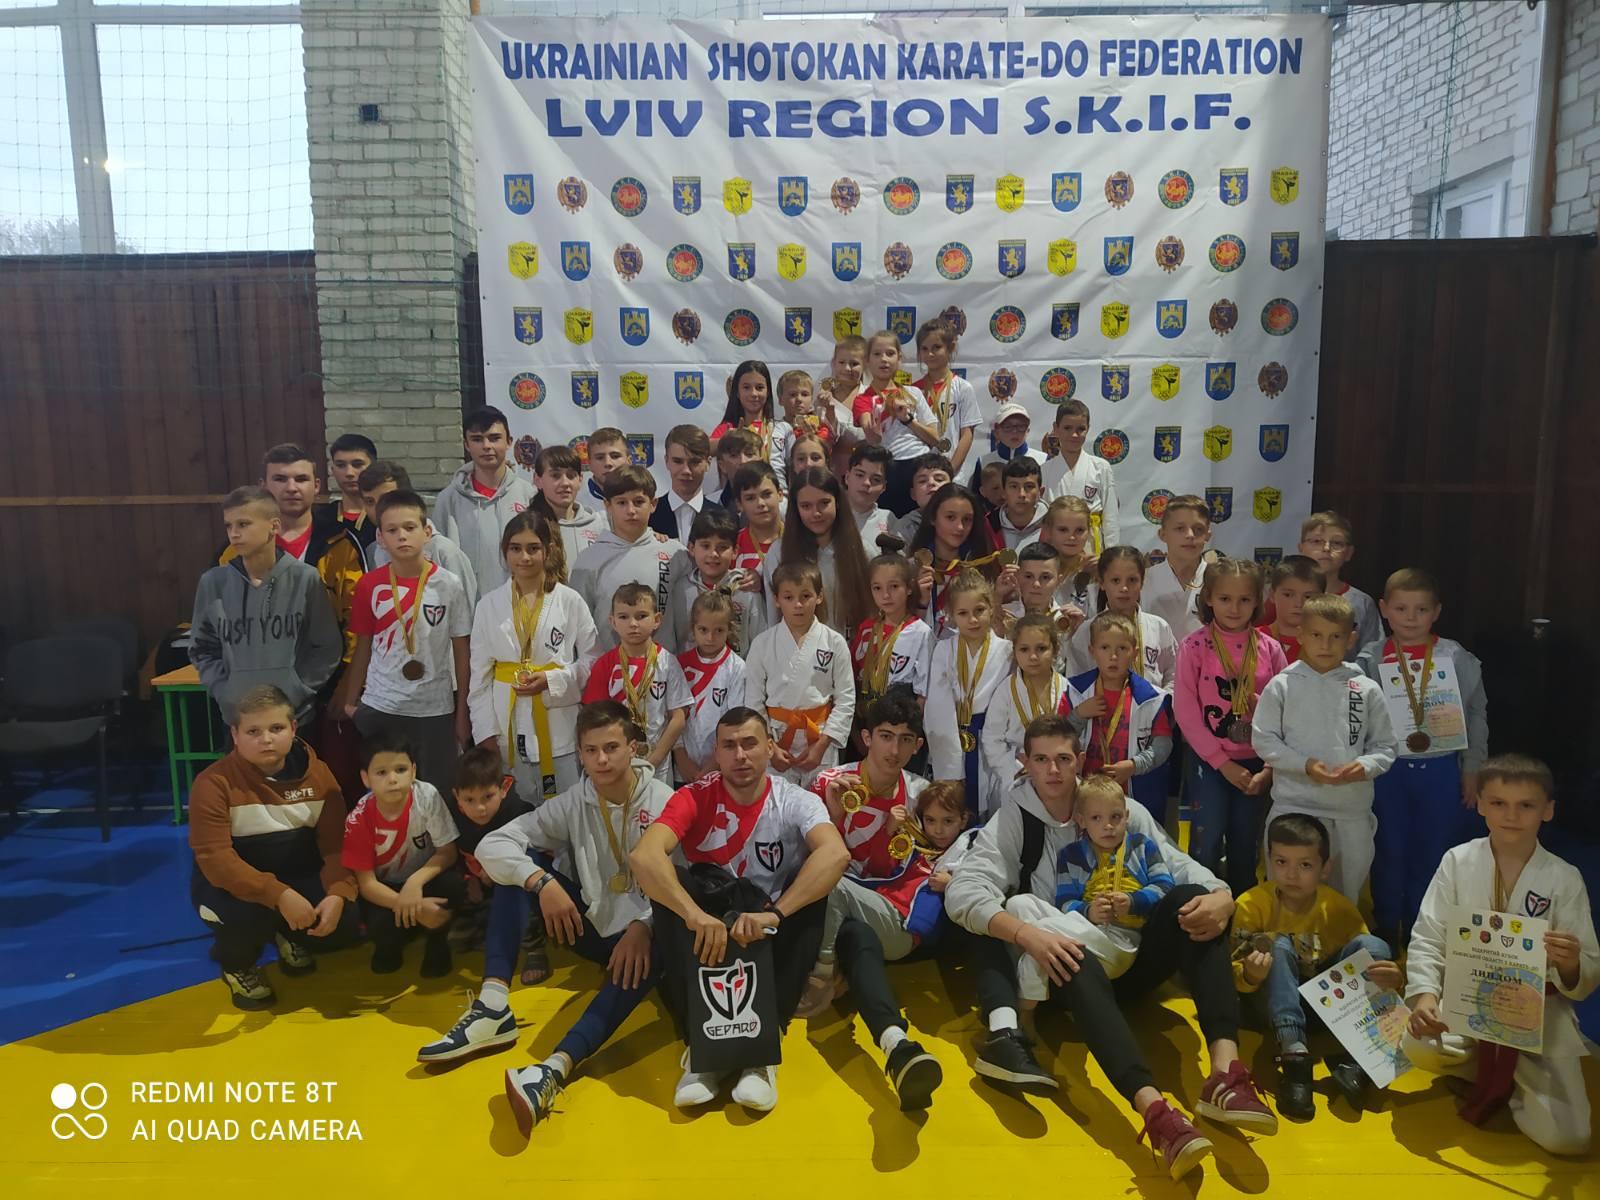 Команда СК GEPARD посіла перше загальнокомандне місце на відкритому Кубку Львівської області з Шотокан карате-до SKIF